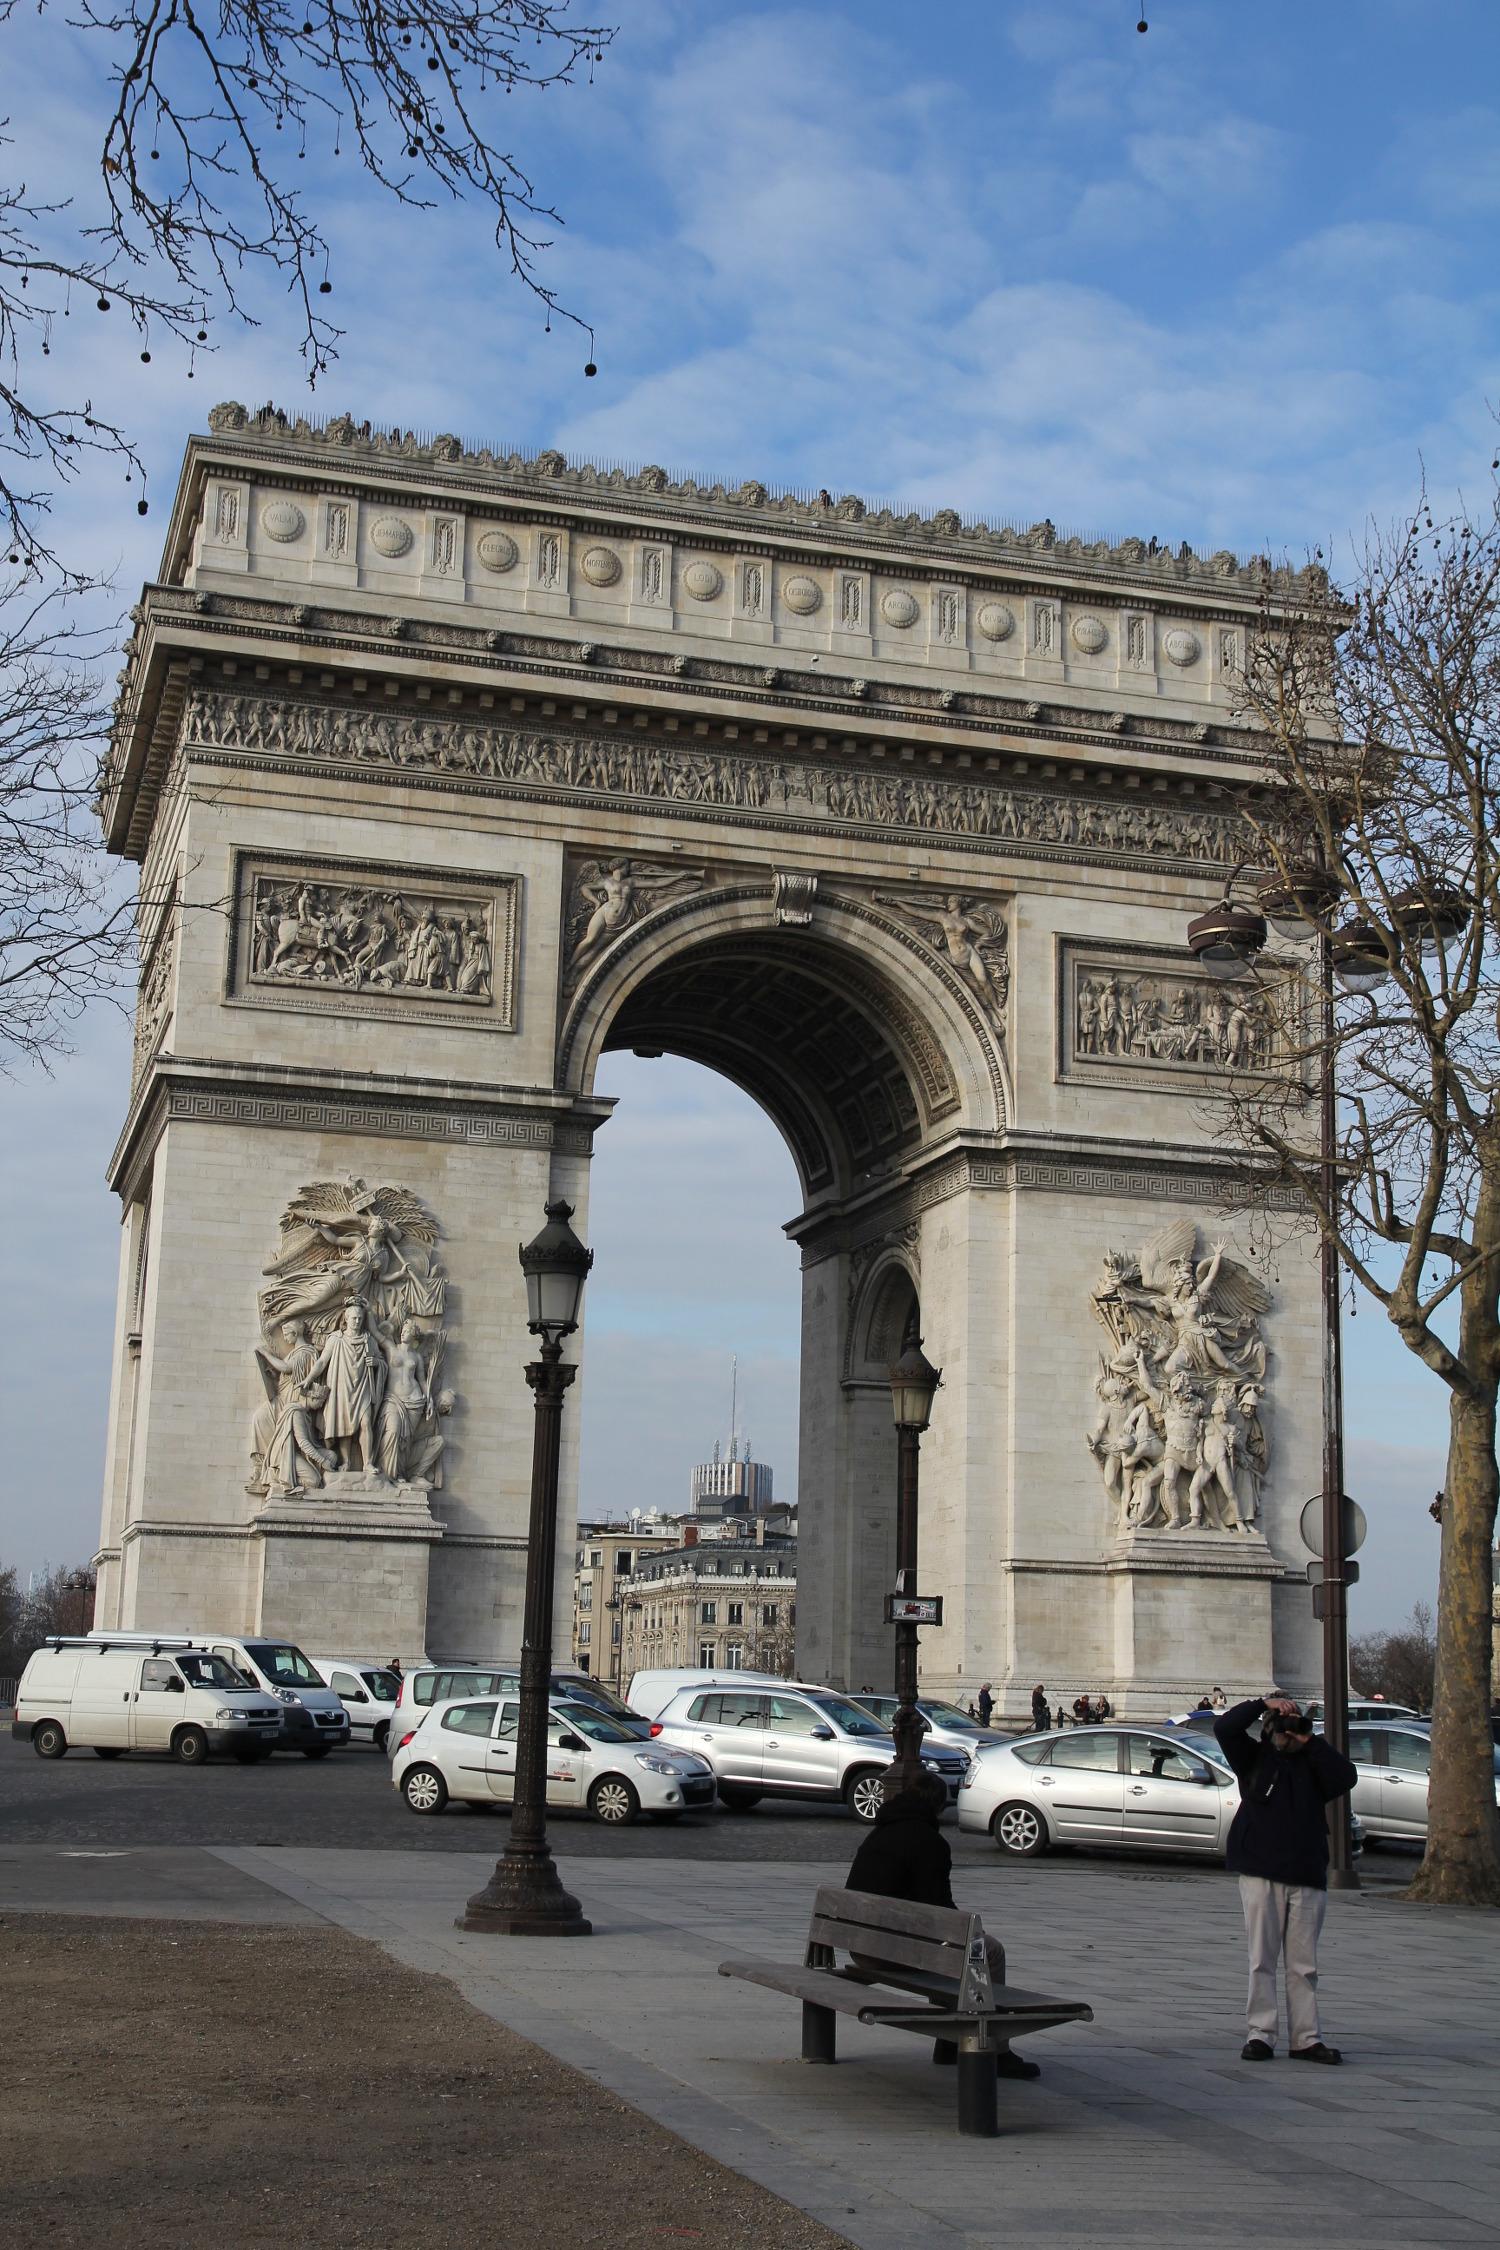 프랑스 여행 - 파리 여행#6 에투알 개선문/샹젤리제